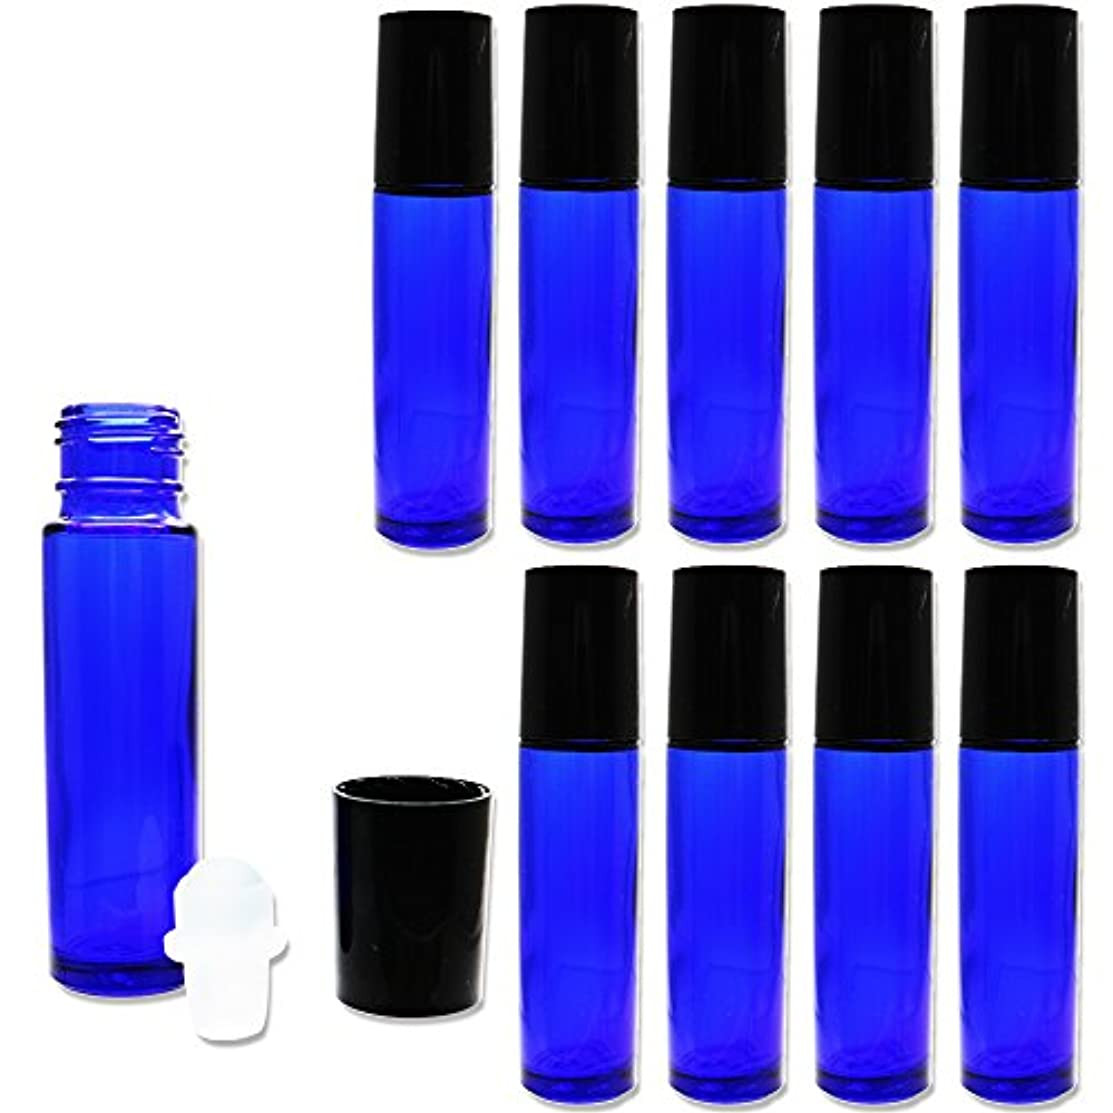 アフリカ変換辛なSolid Value ロールオンボトル アロマオイル ガラスロール 詰め替え 遮光瓶 (10ml 10本セット)